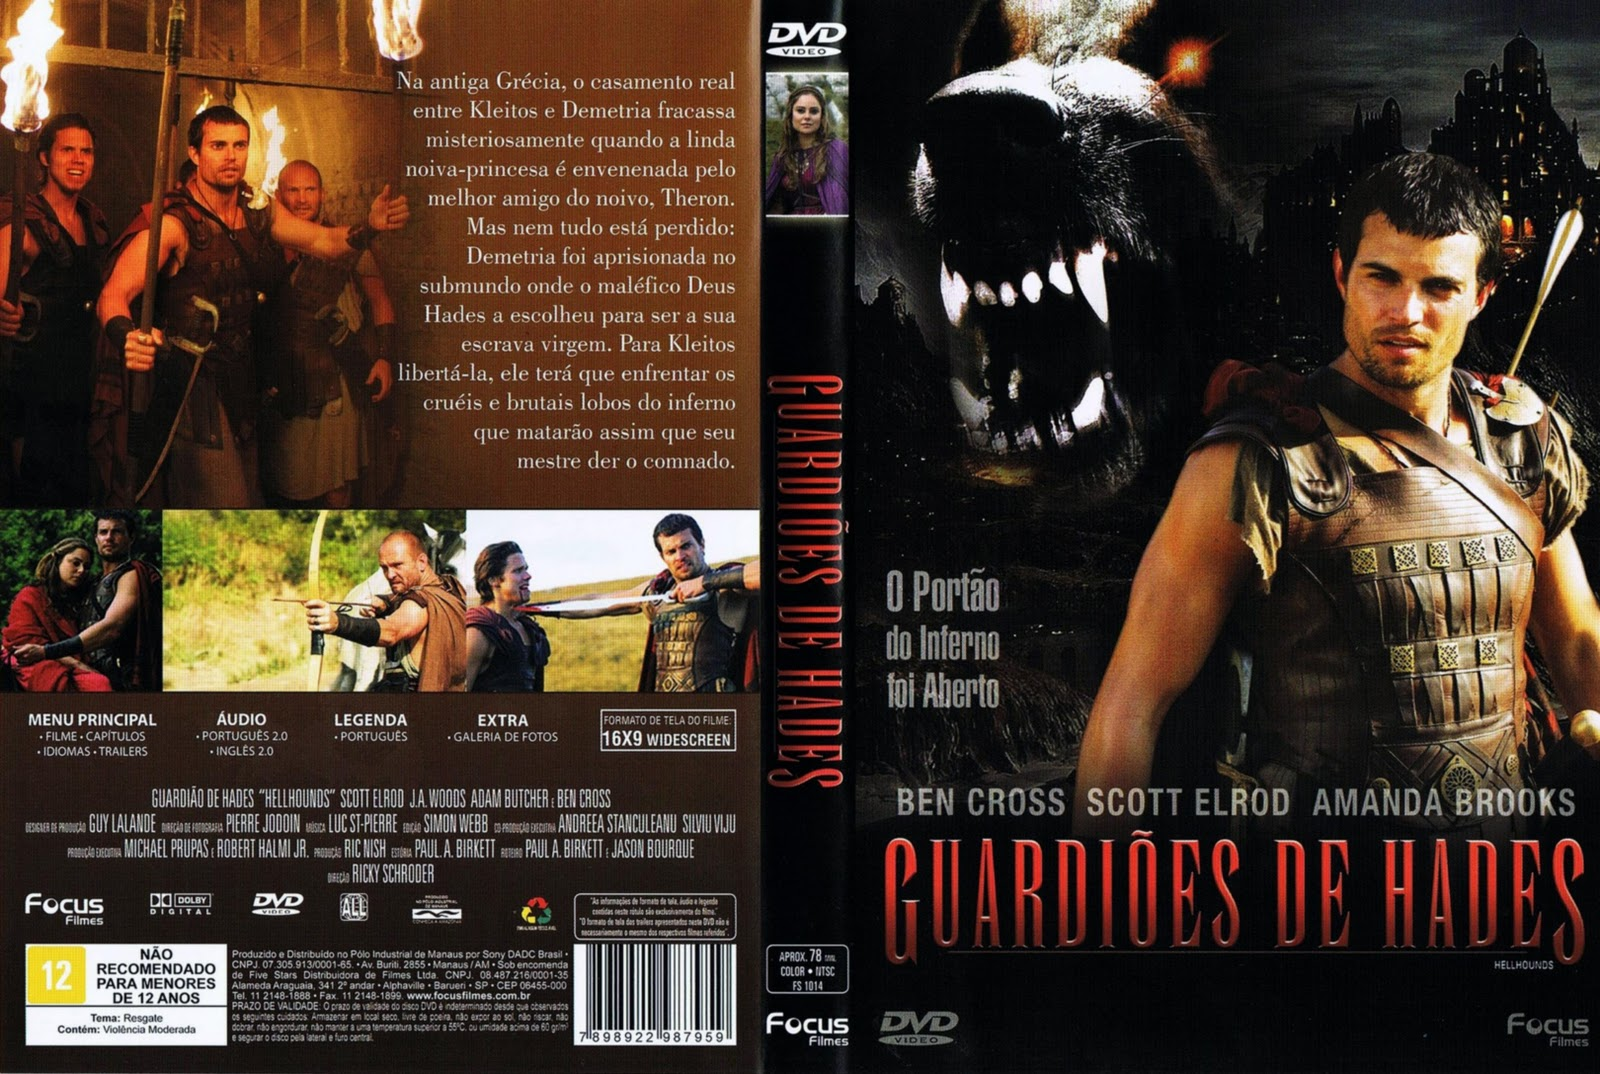 Filme Hades throughout capas xbox 360 e filmes a sua disposição: guardiões de hades